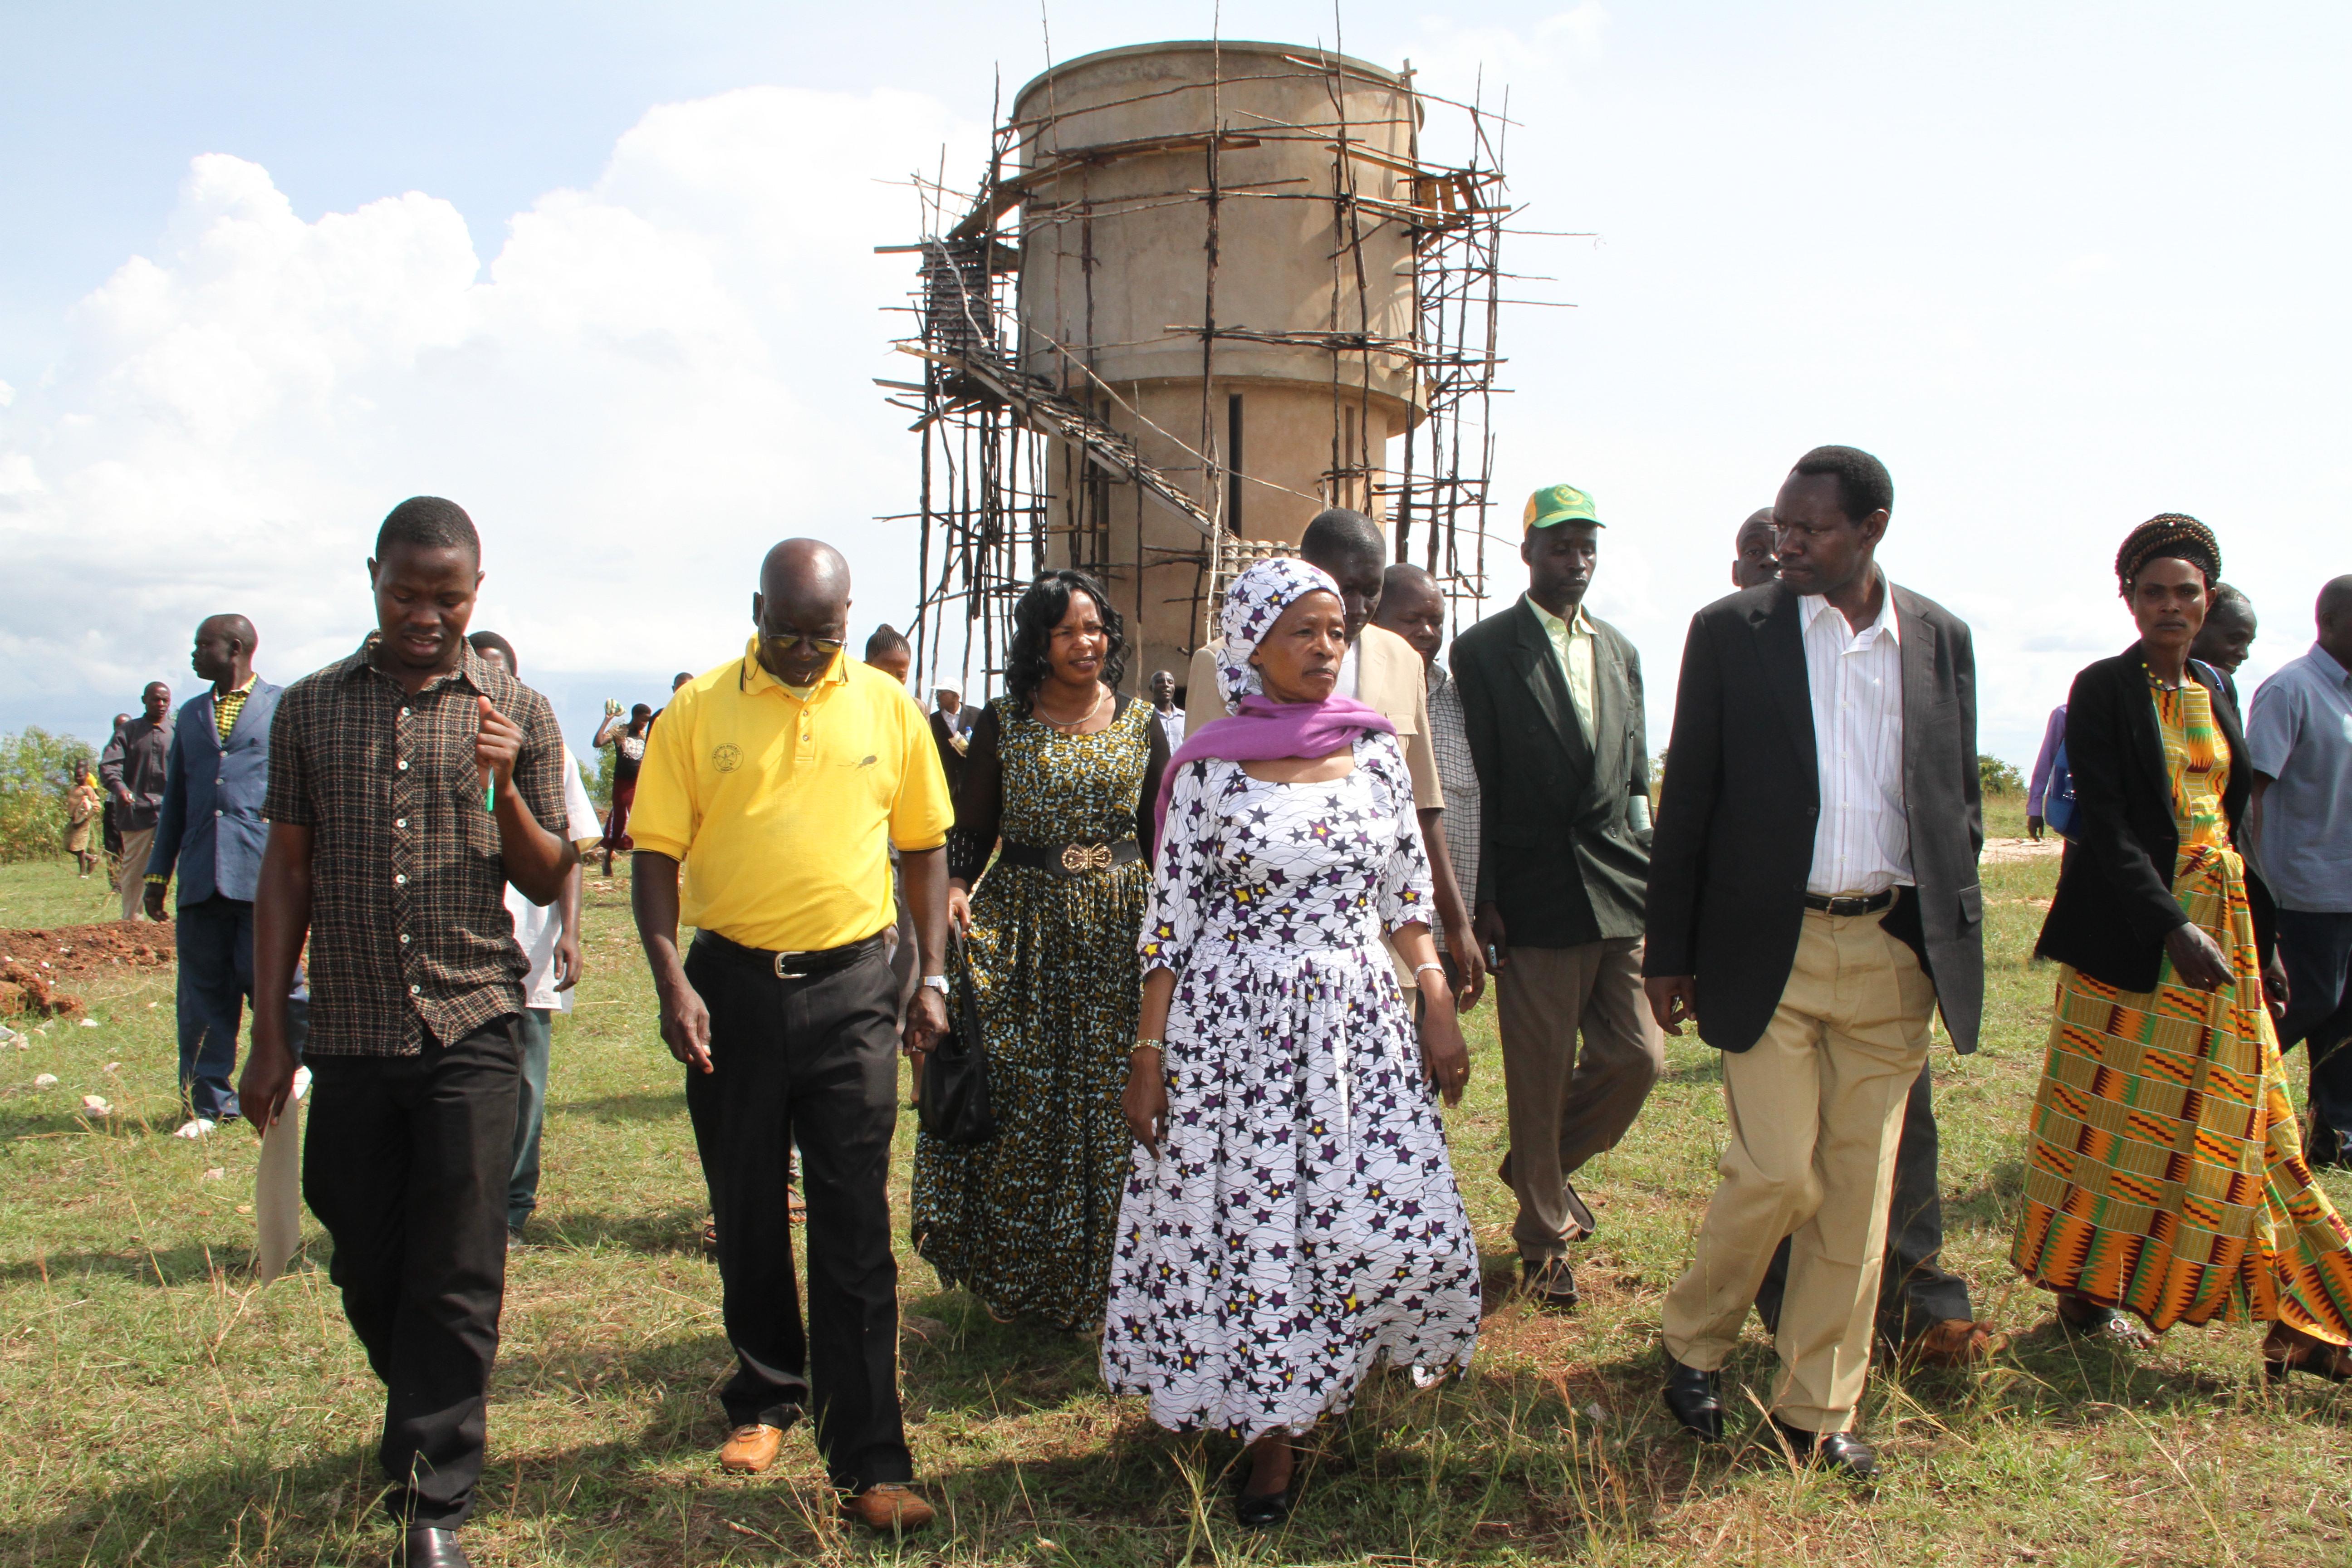 Mh Tibaijuka akikagua miradi ya maendeleo kijiji cha Mubunda,Jimboni Muleba Kusini